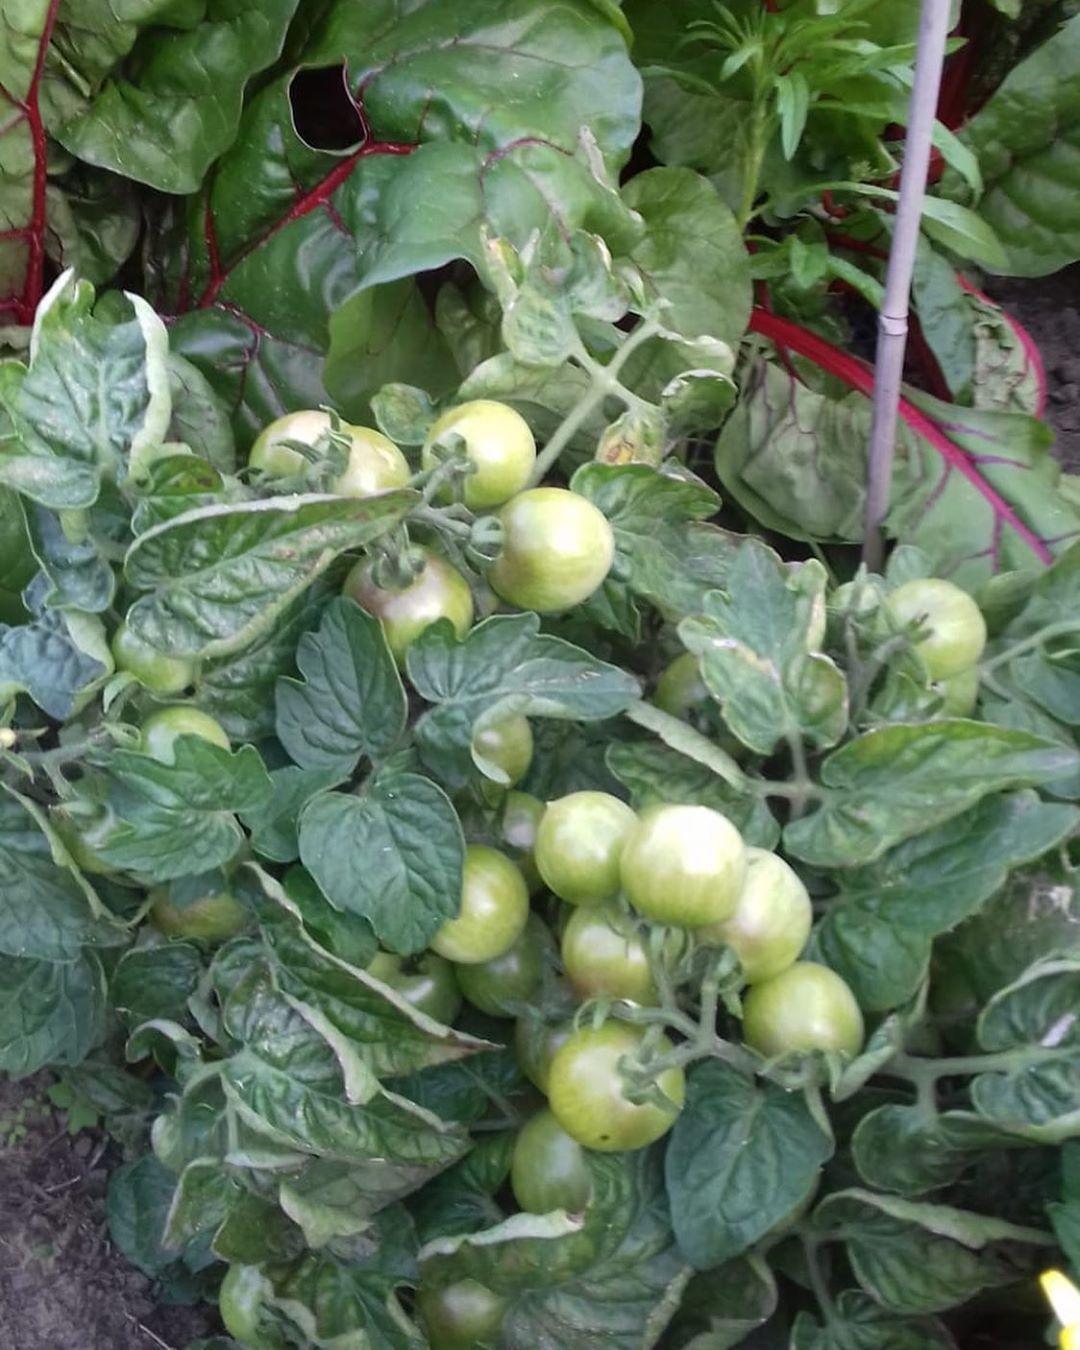 Tomatenstrauch Was Habt Ihr So Im Garten Angepflanzt Tomaten Rot Grun Strauch Garten Eigeneernte Gemu Garten Deko Garten Anpflanzen Tomatenstrauch